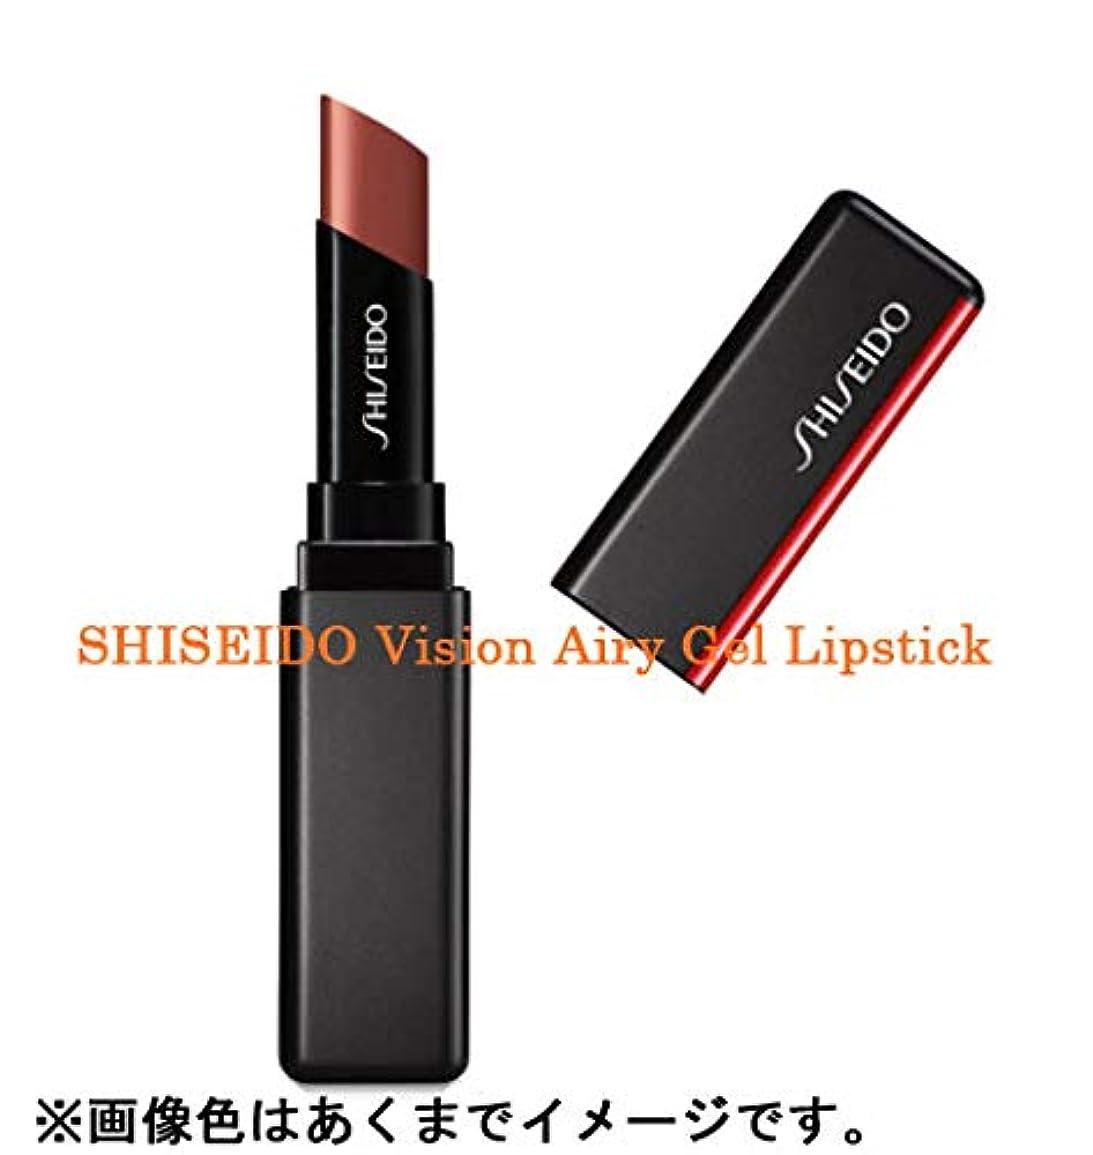 高揚した進化する所有者SHISEIDO Makeup(資生堂 メーキャップ) SHISEIDO(資生堂) SHISEIDO ヴィジョナリー ジェルリップスティック 1.6g (221)